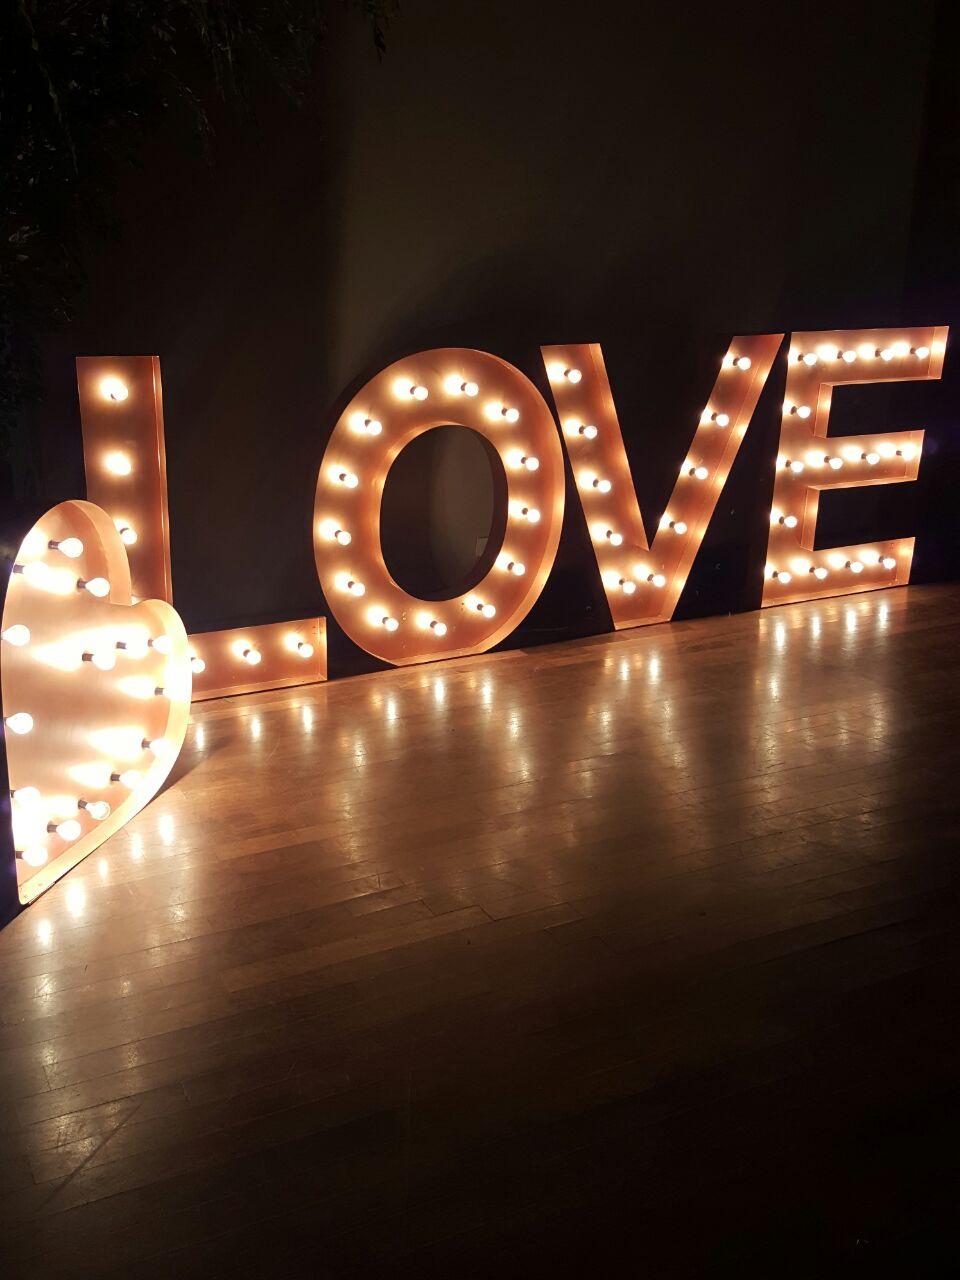 tutti-flora-mesa-love-luminoso-noiva-decoracao-flores-casamento-convencao-boho-eventos-producao-buque-noiva-debutante-3